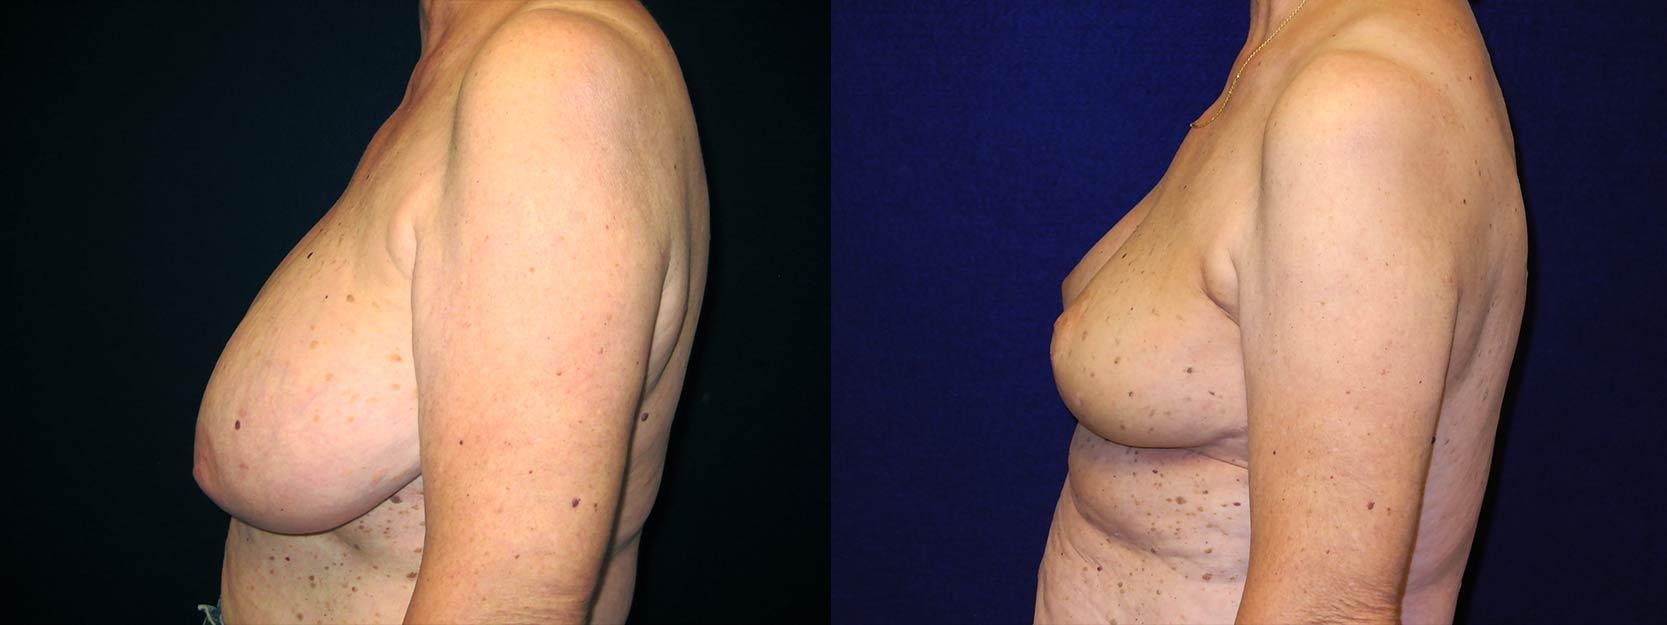 Dark spots between breast